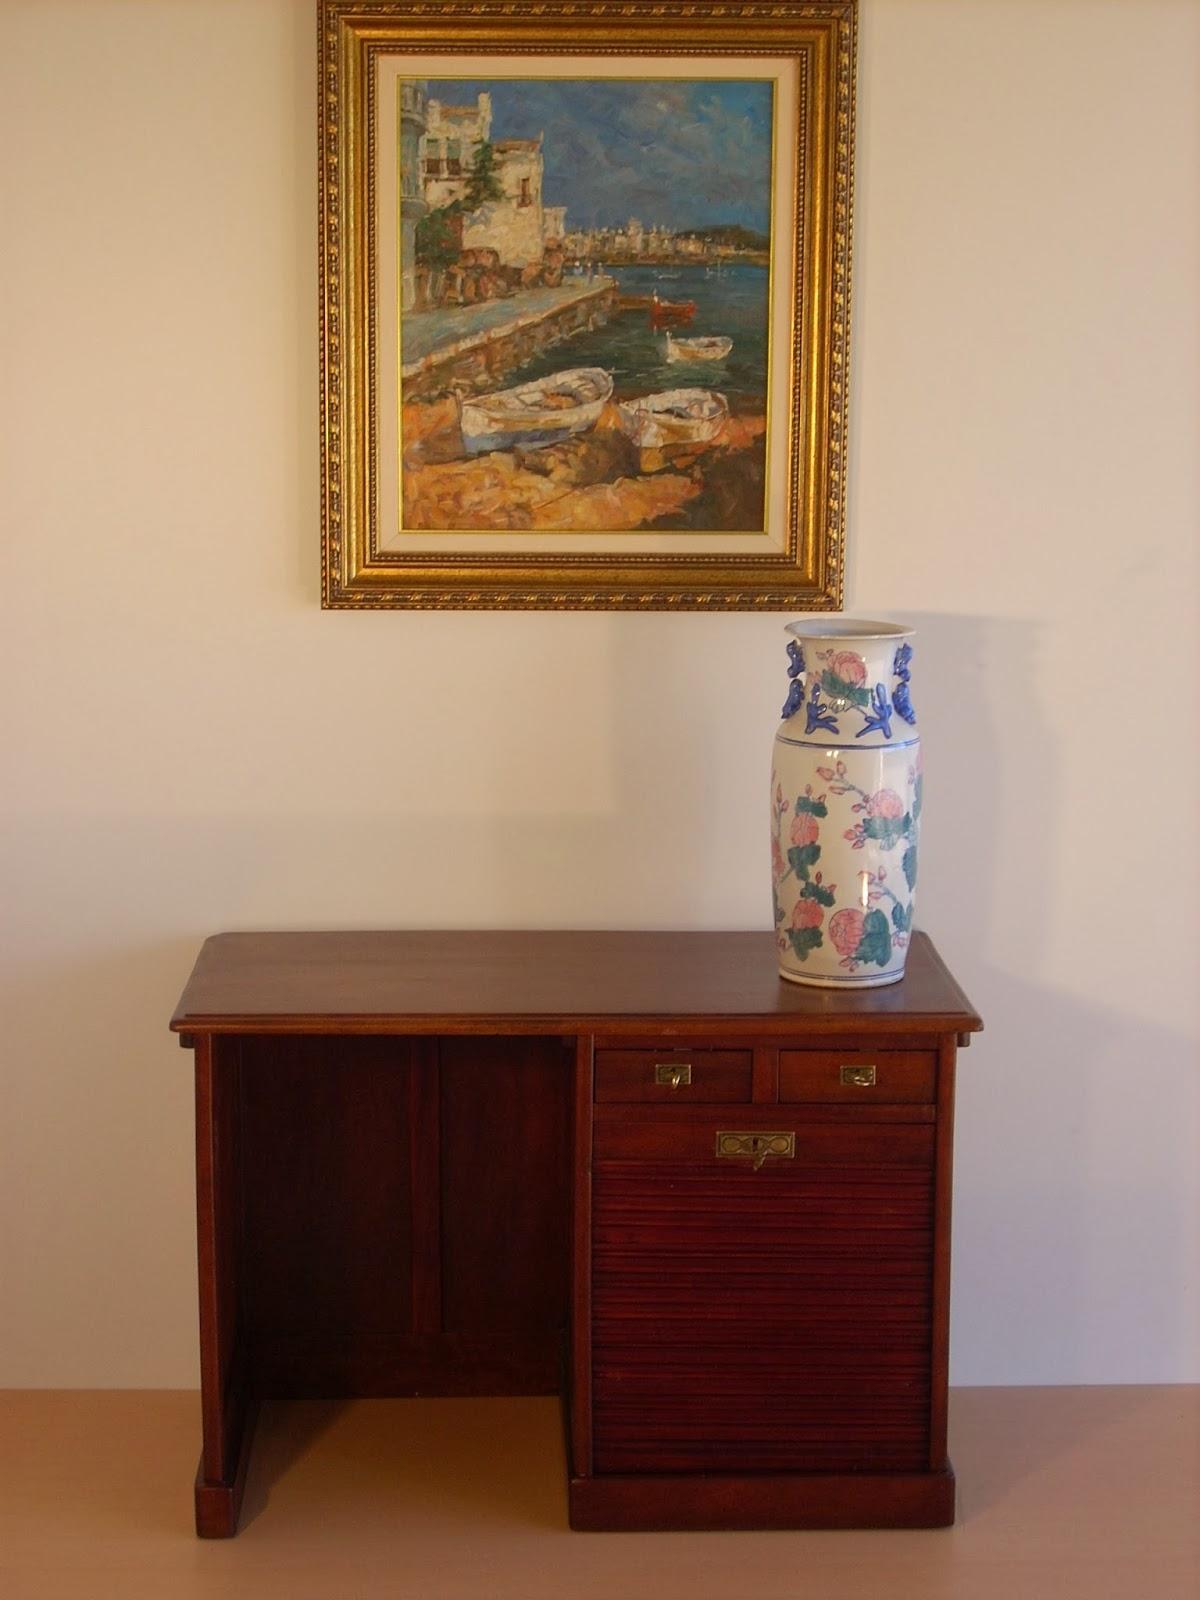 Venta muebles antiguos caoba 20170807072419 - Muebles antiguos restaurados ...